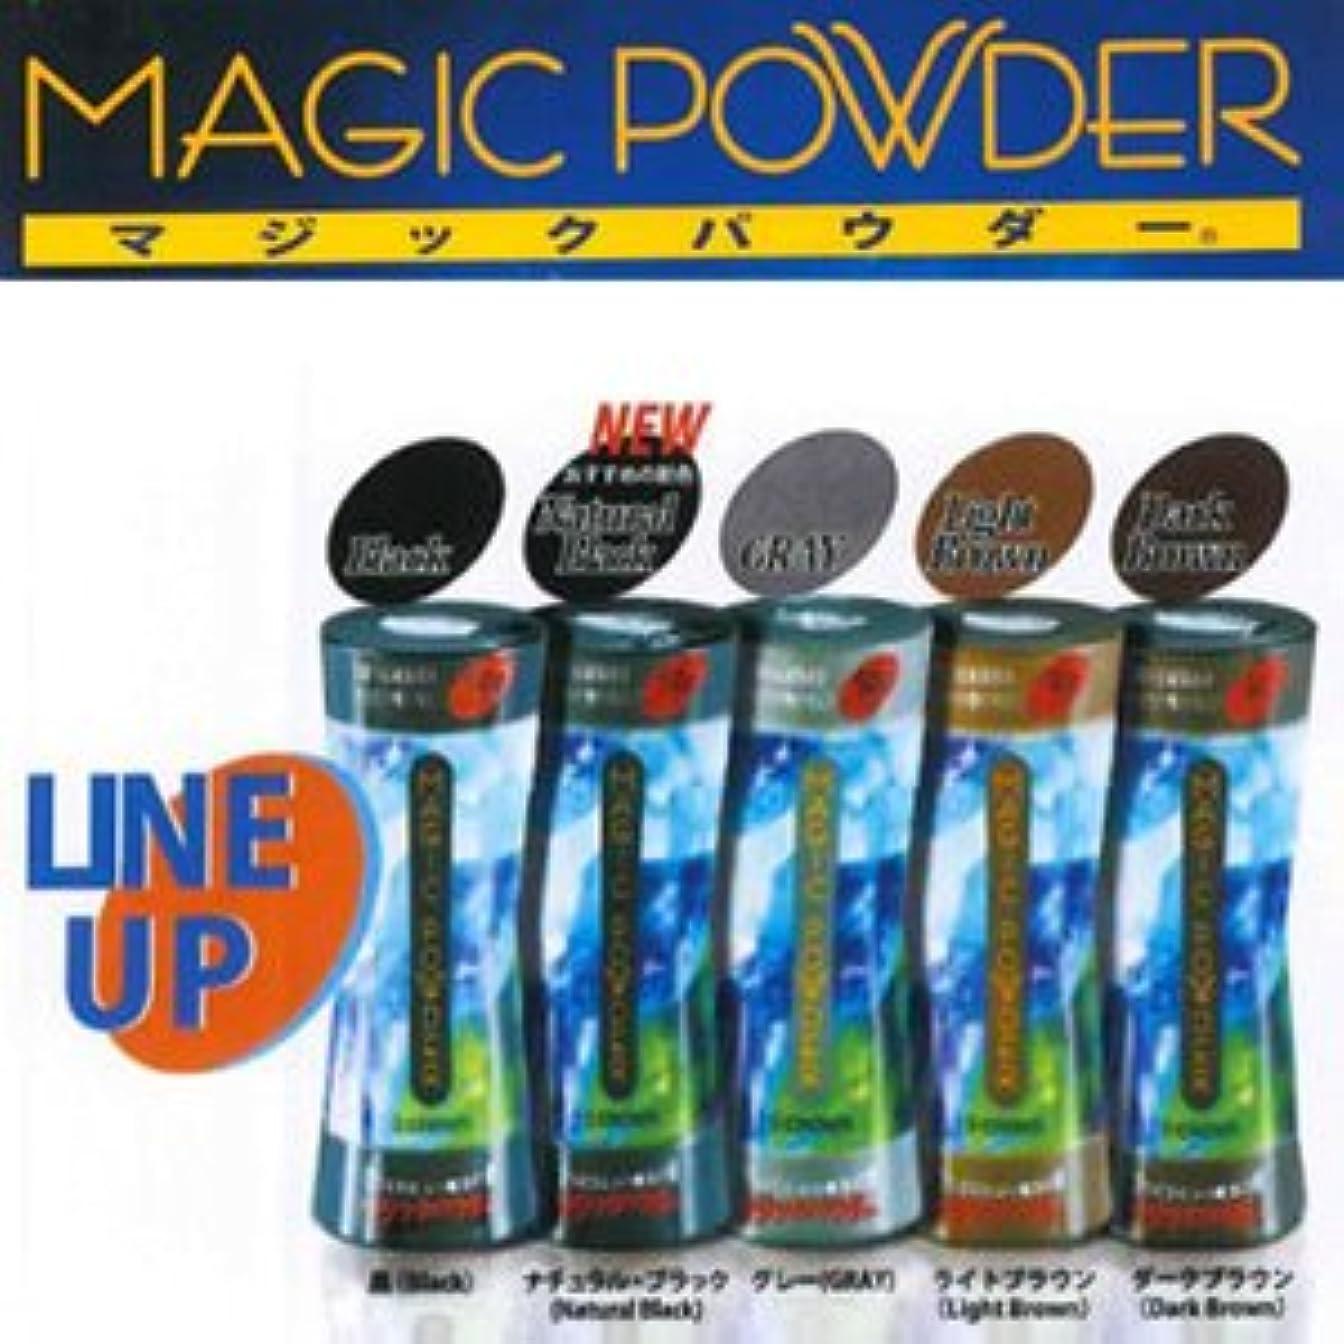 嫉妬撃退するピストンMAGIC POWDER マジックパウダー ダークブラウン 50g  2個セット ※貴方の髪を簡単ボリュームアップ!